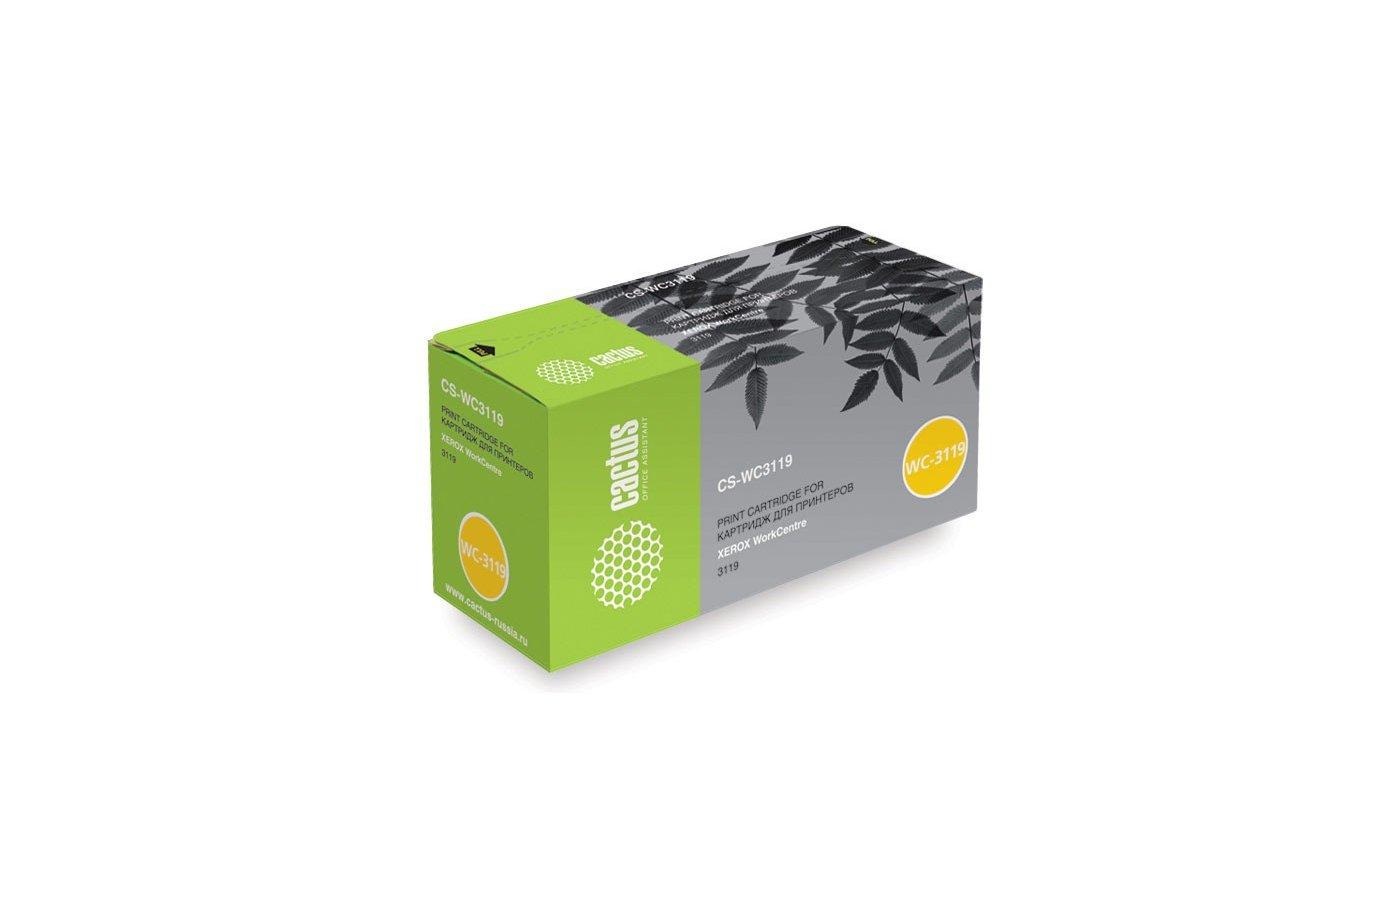 Картридж лазерный Cactus CS-WC3119 (013R00625) совместимый черный для Xerox WorkCentre 3119 (3000стр.)